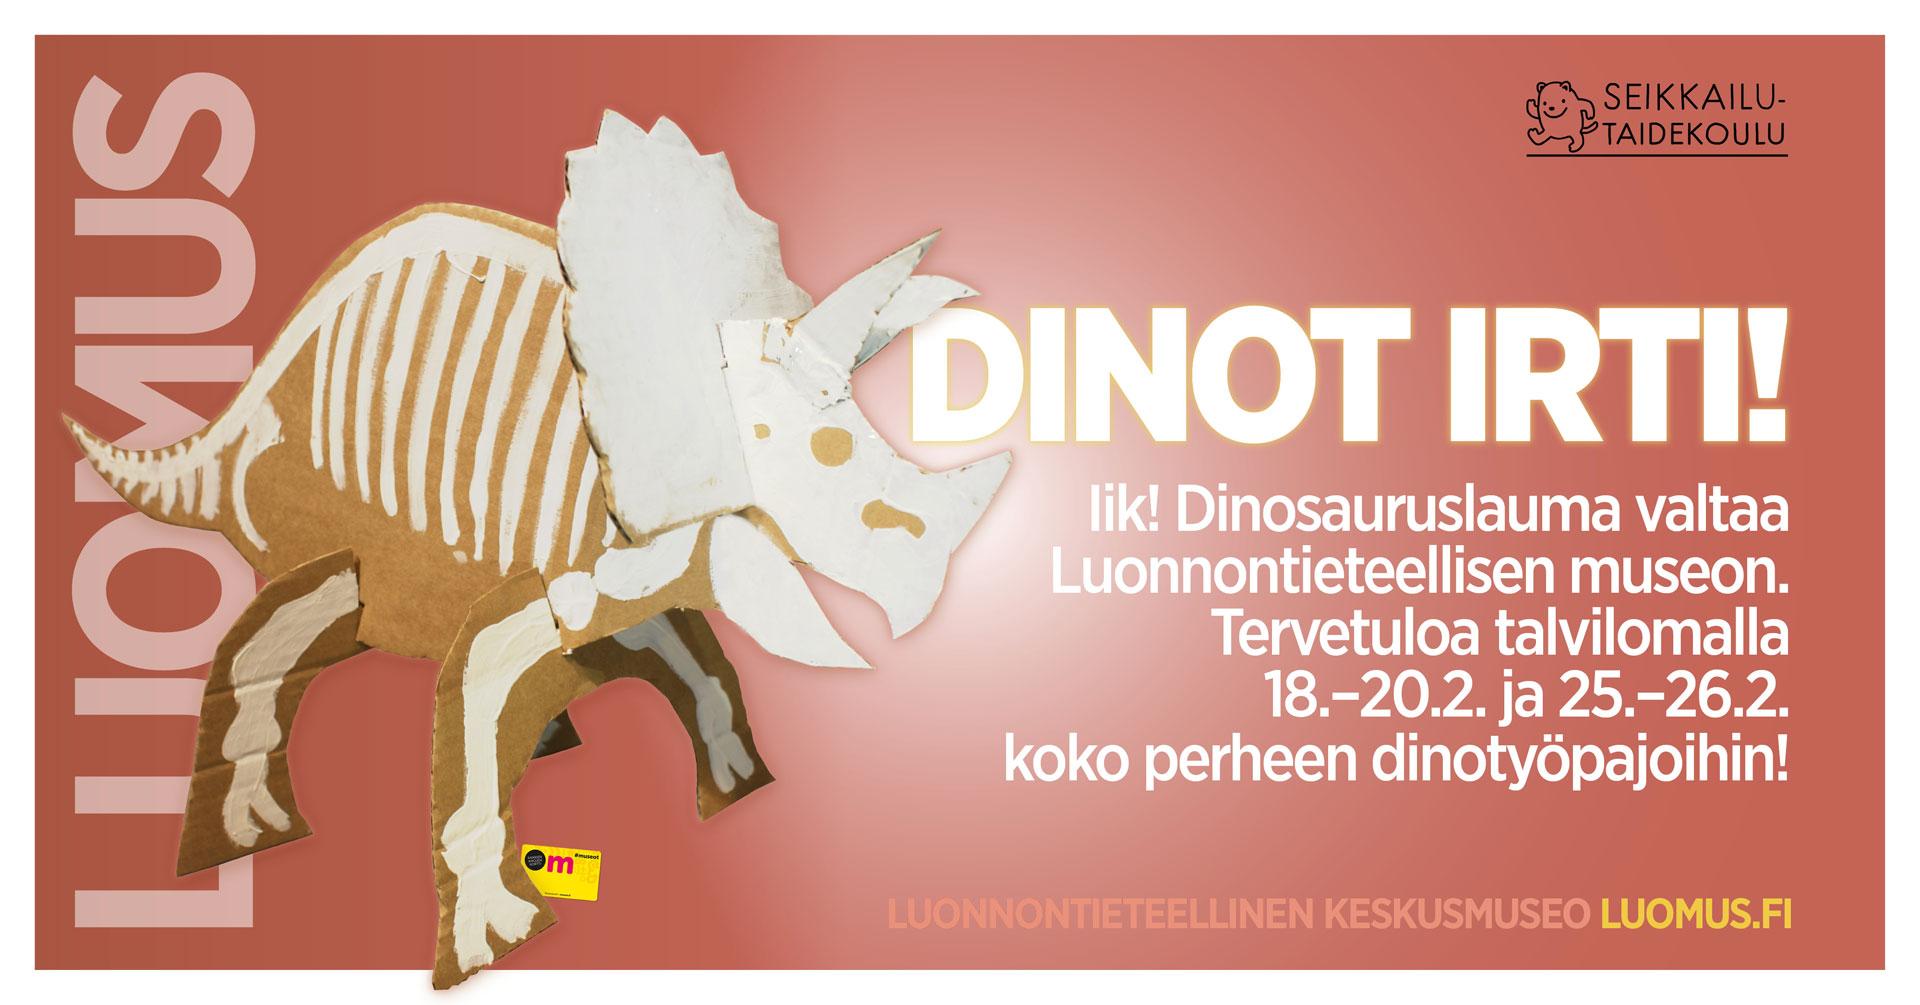 Linkki tapahtumaan Dinot irti! -työpaja